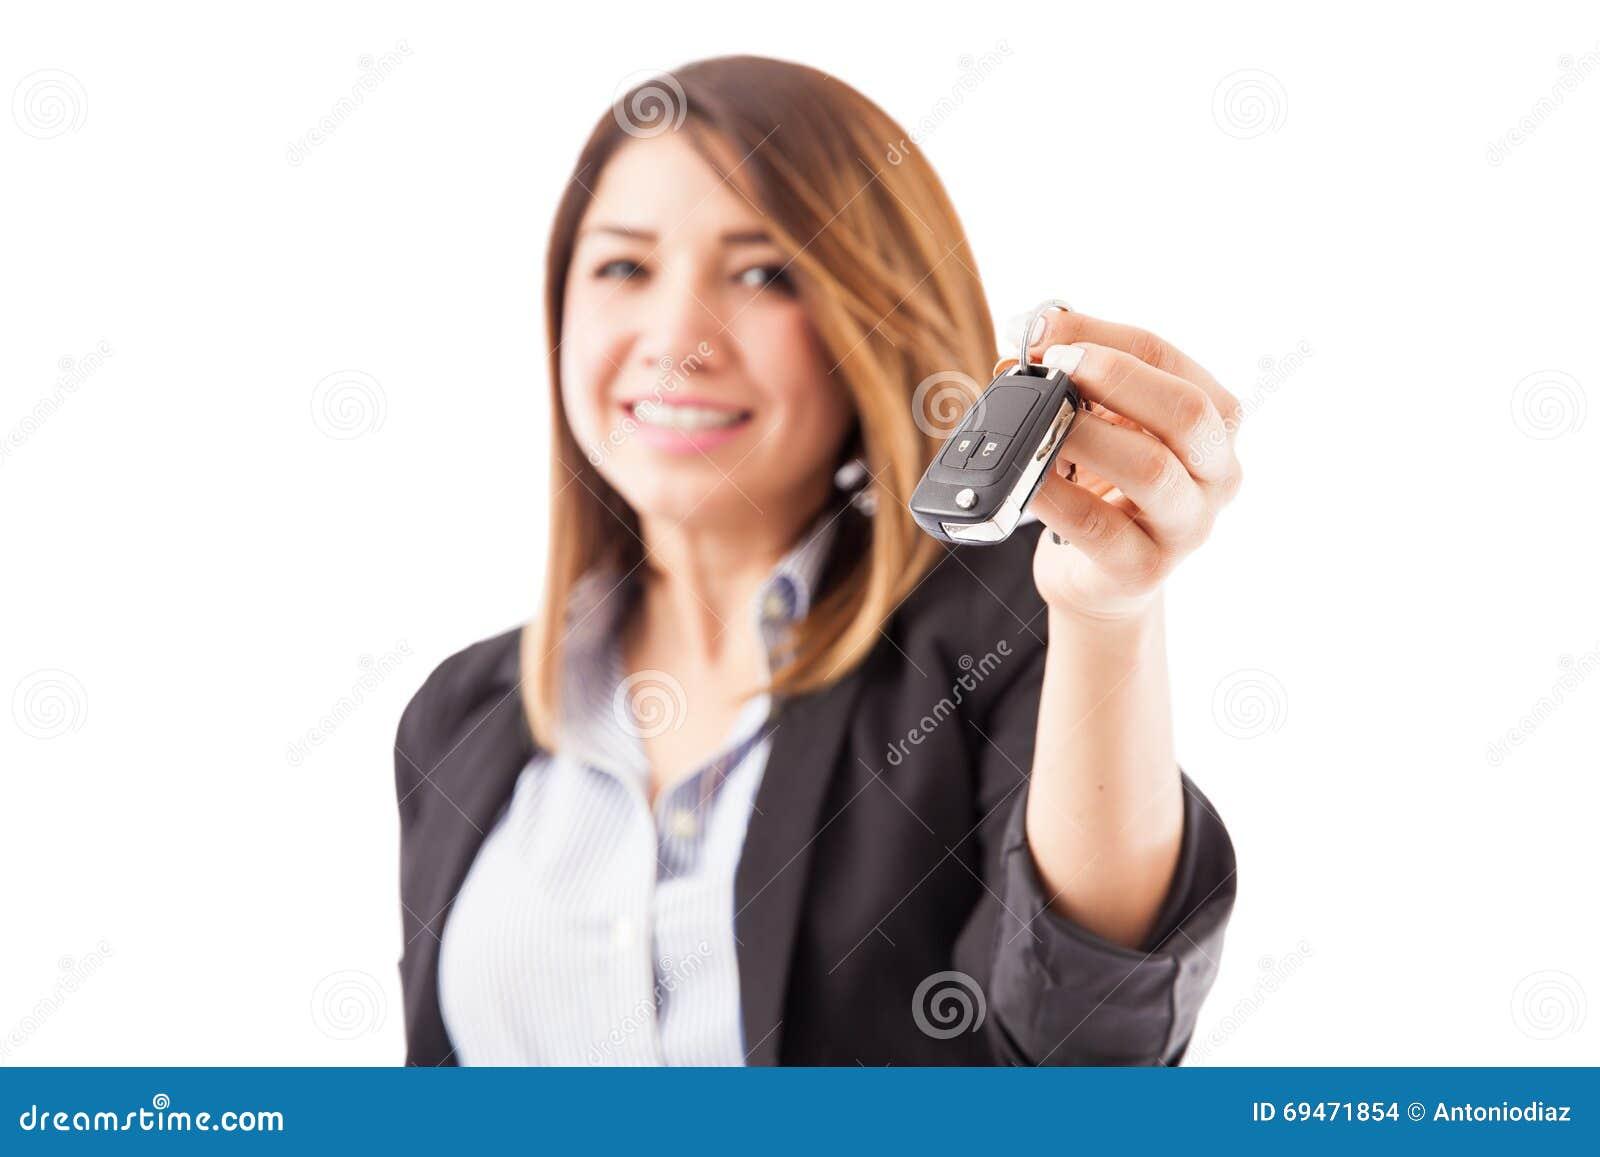 Vertegenwoordiger die sommige autosleutels overhandigen